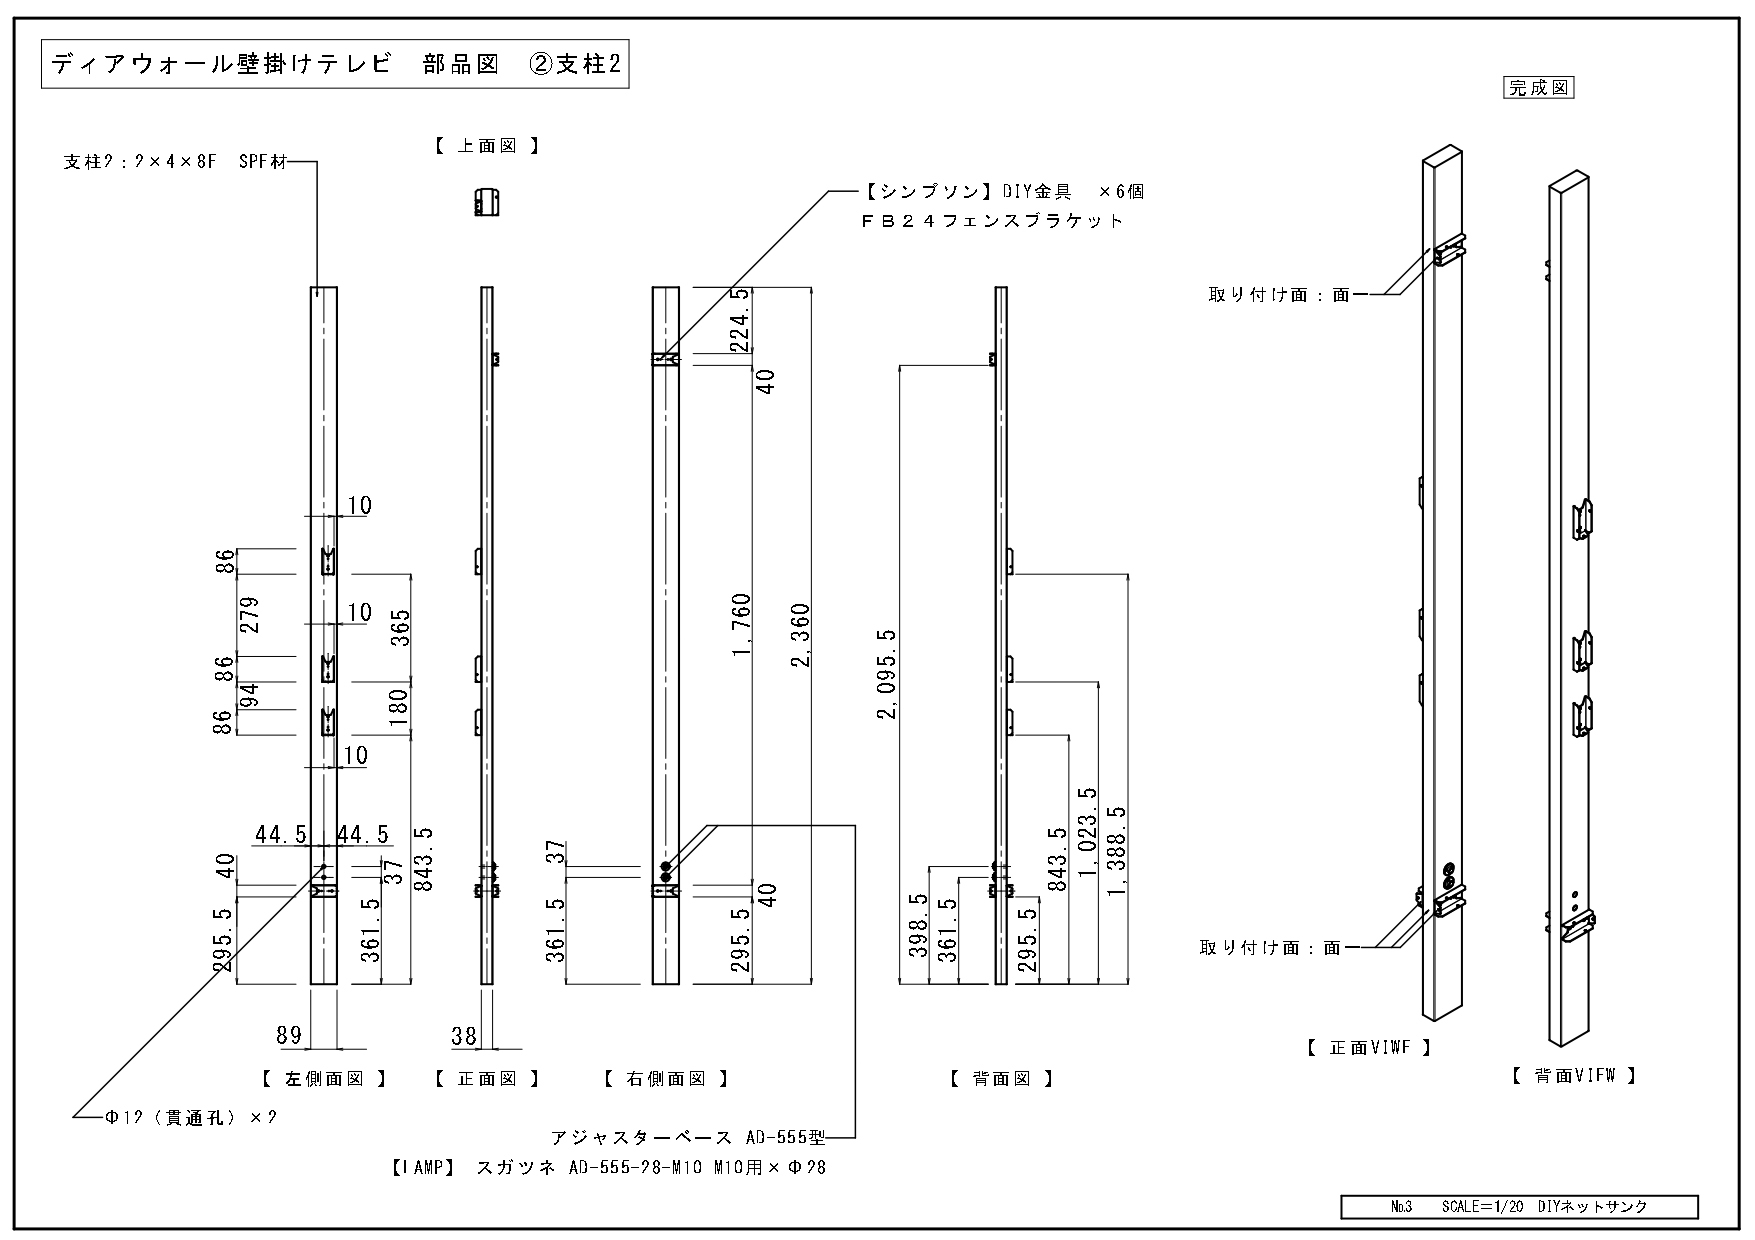 3 ディアウォール壁掛けテレビ支柱2部品図